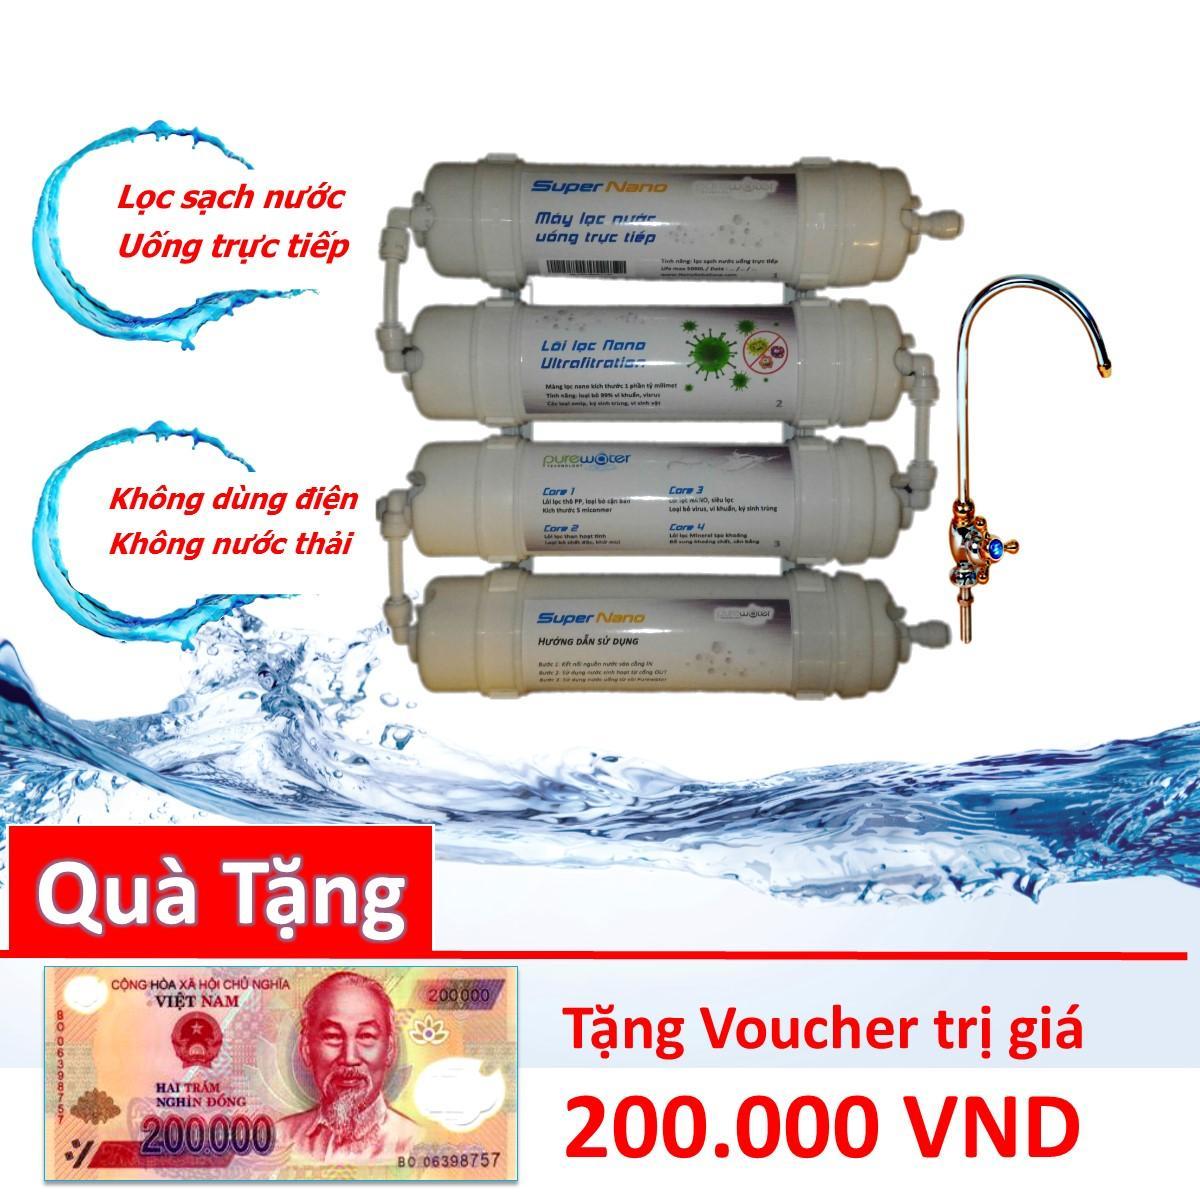 Hình ảnh Máy lọc nước Nano Uống trực tiếp 4 Cấp lọc không dùng điện nước thải - Tặng Voucher 200K